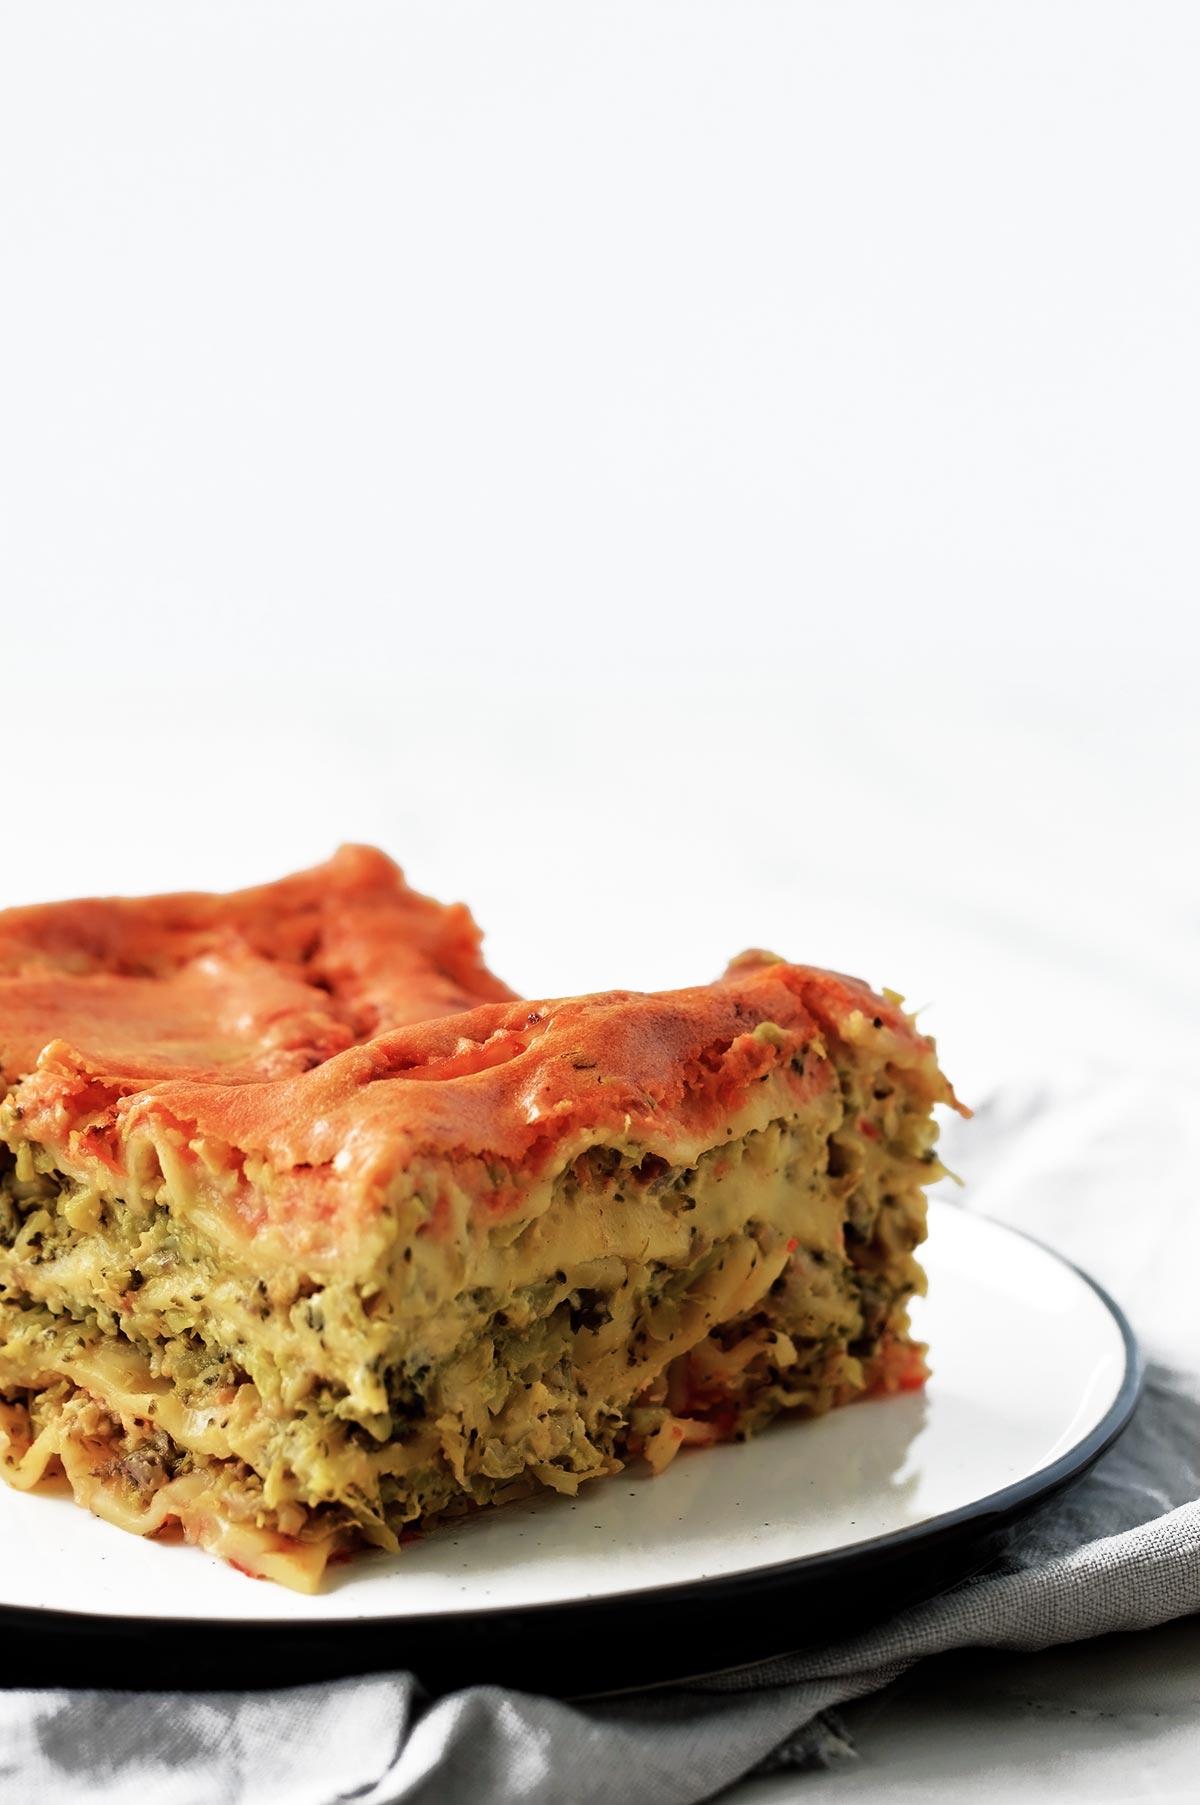 porción de lasaña vegana servida en un plato blanco